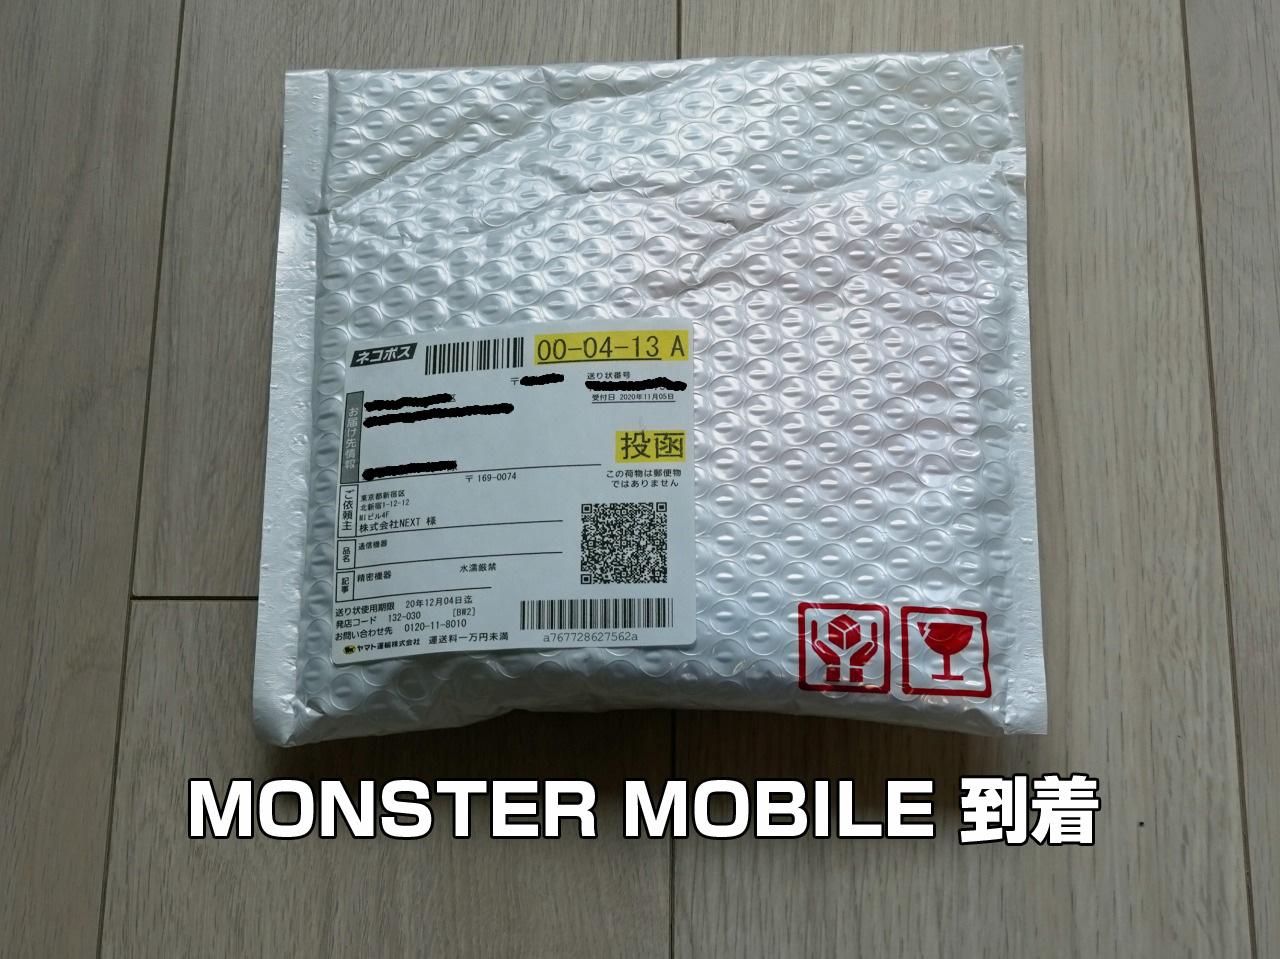 MONSTER MOBILE が到着!